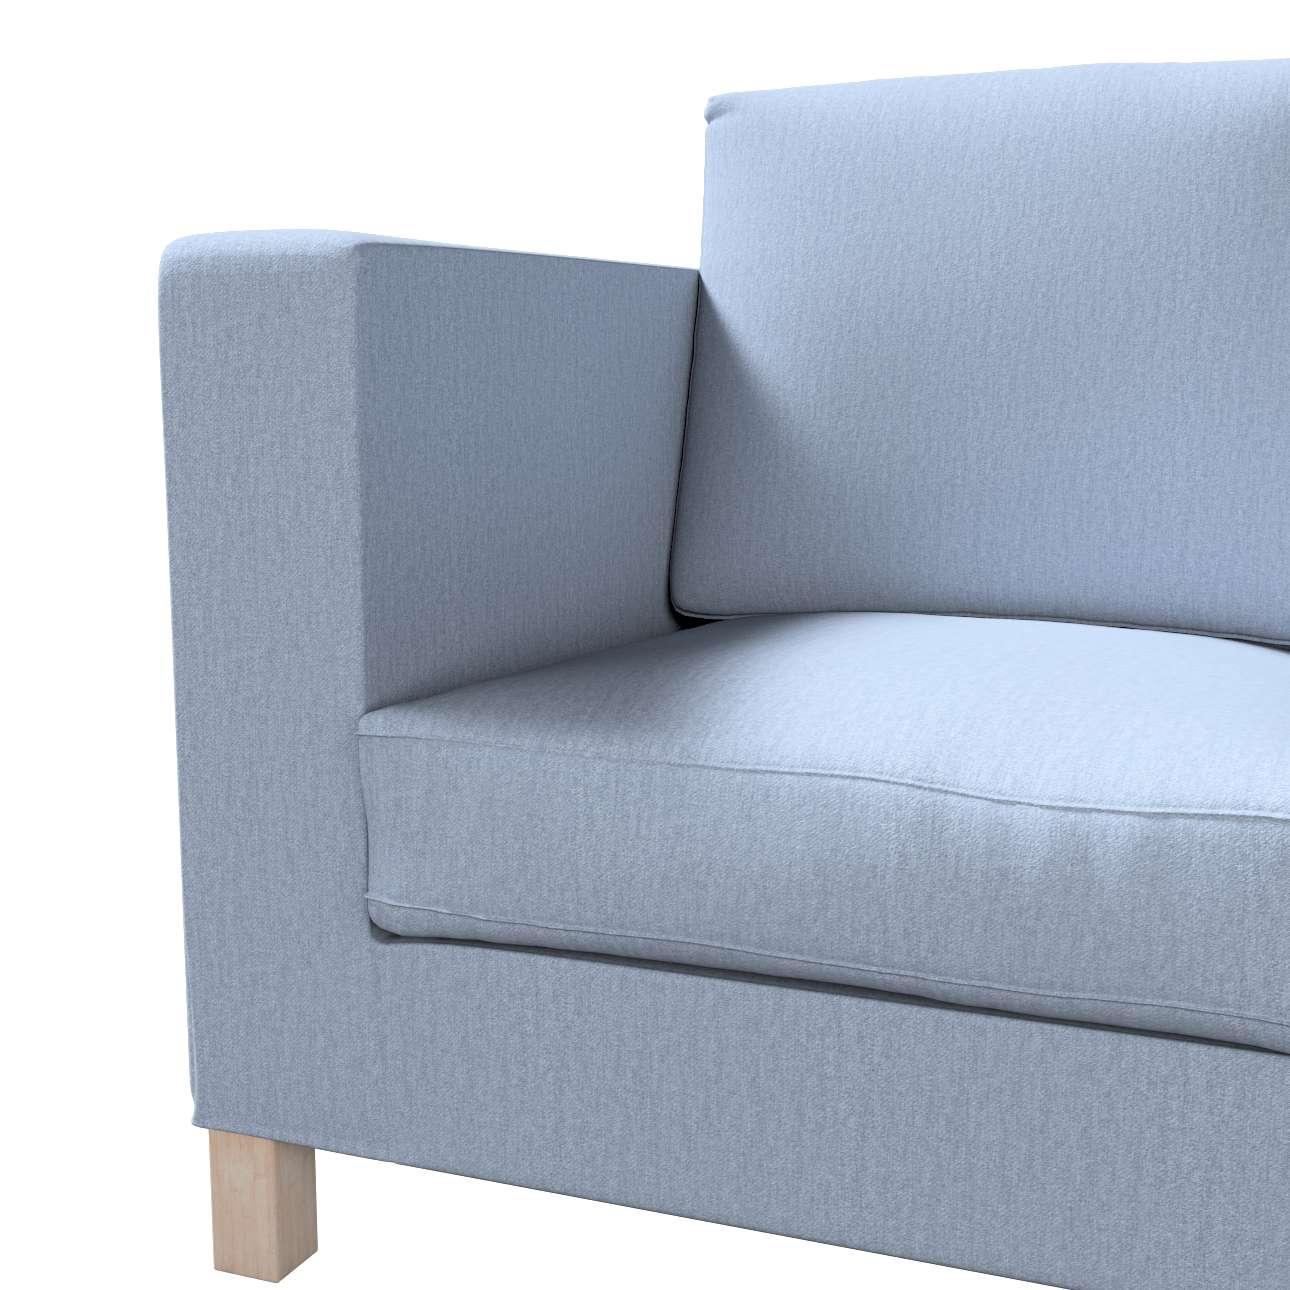 Karlanda klädsel <br>3-sits soffa - kort klädsel i kollektionen Chenille, Tyg: 702-13